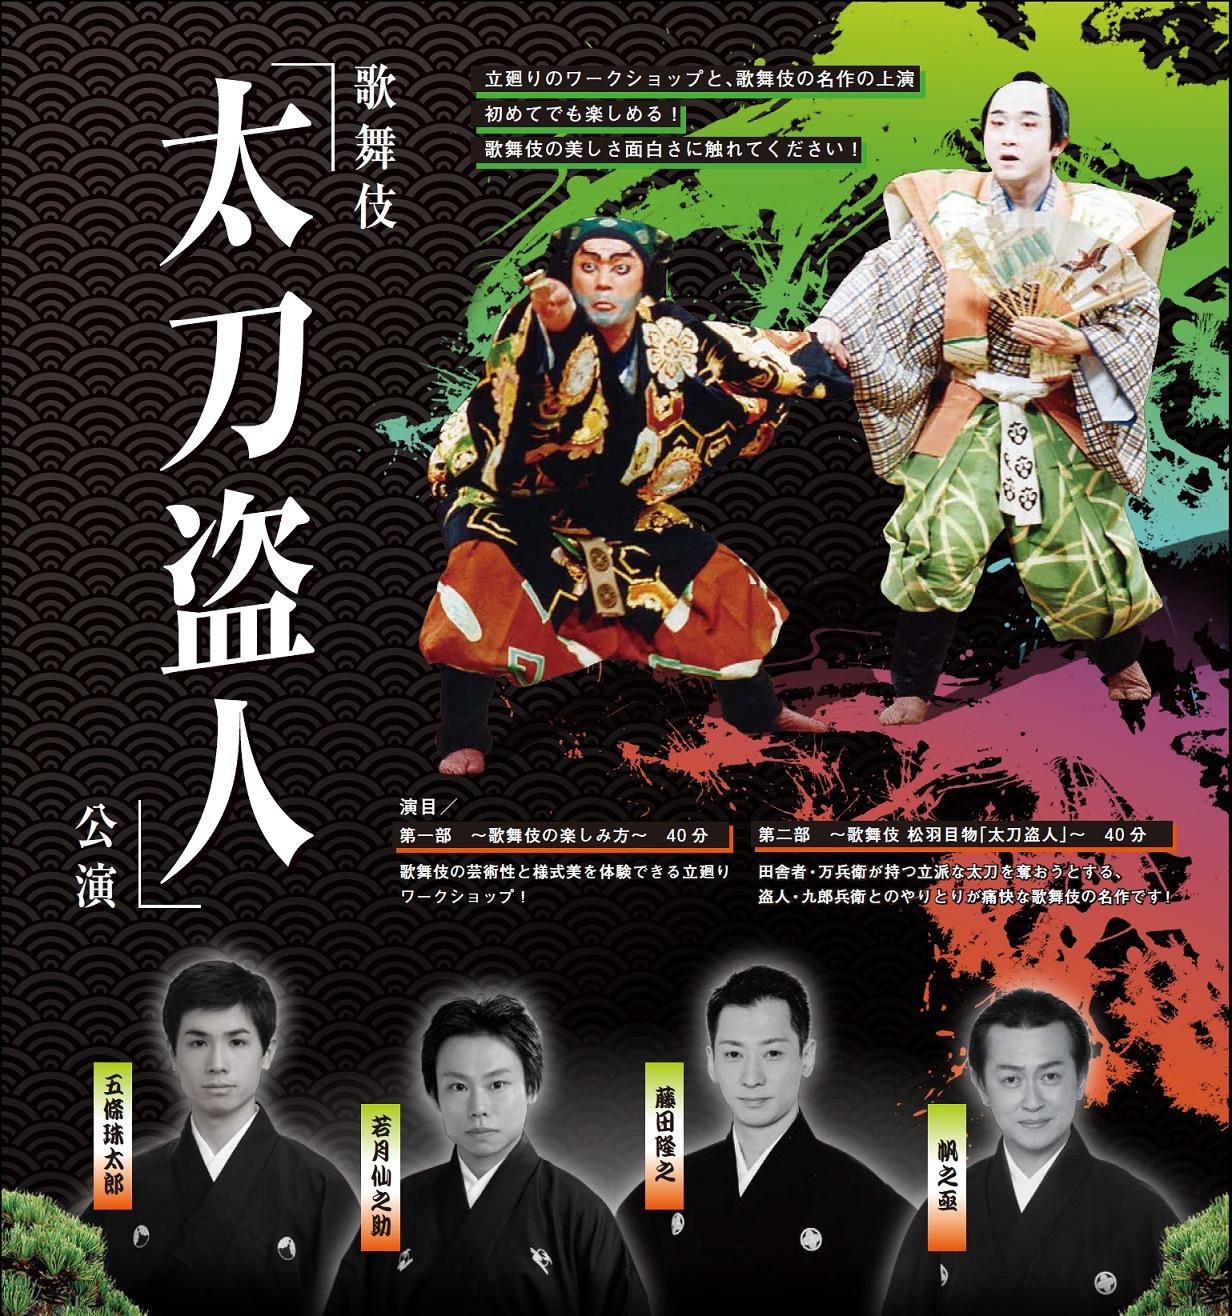 18.08.28 kabuki